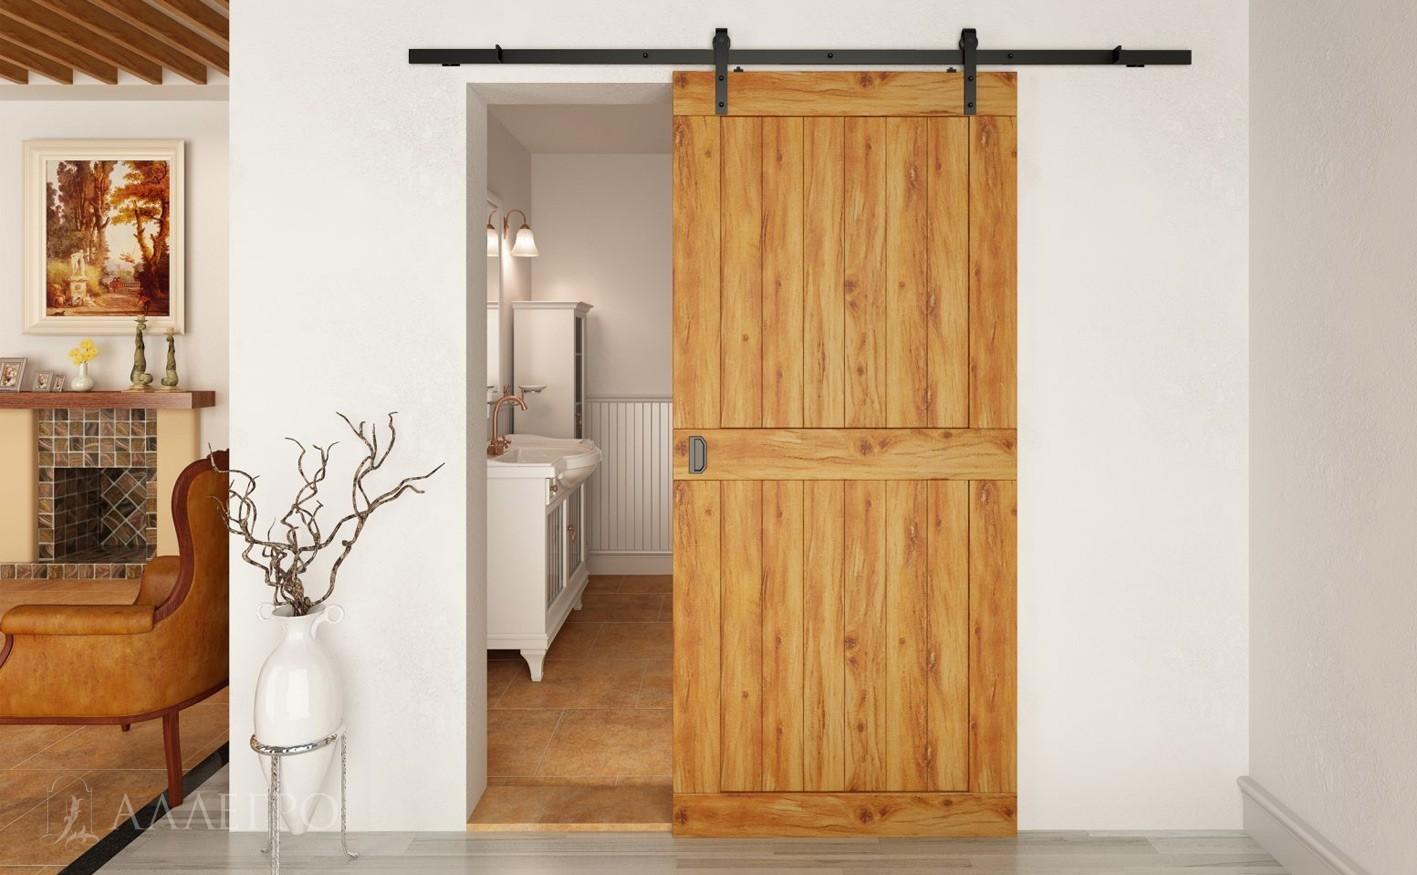 Лофт-двери в амбарном стиле с раздвижным механизмом